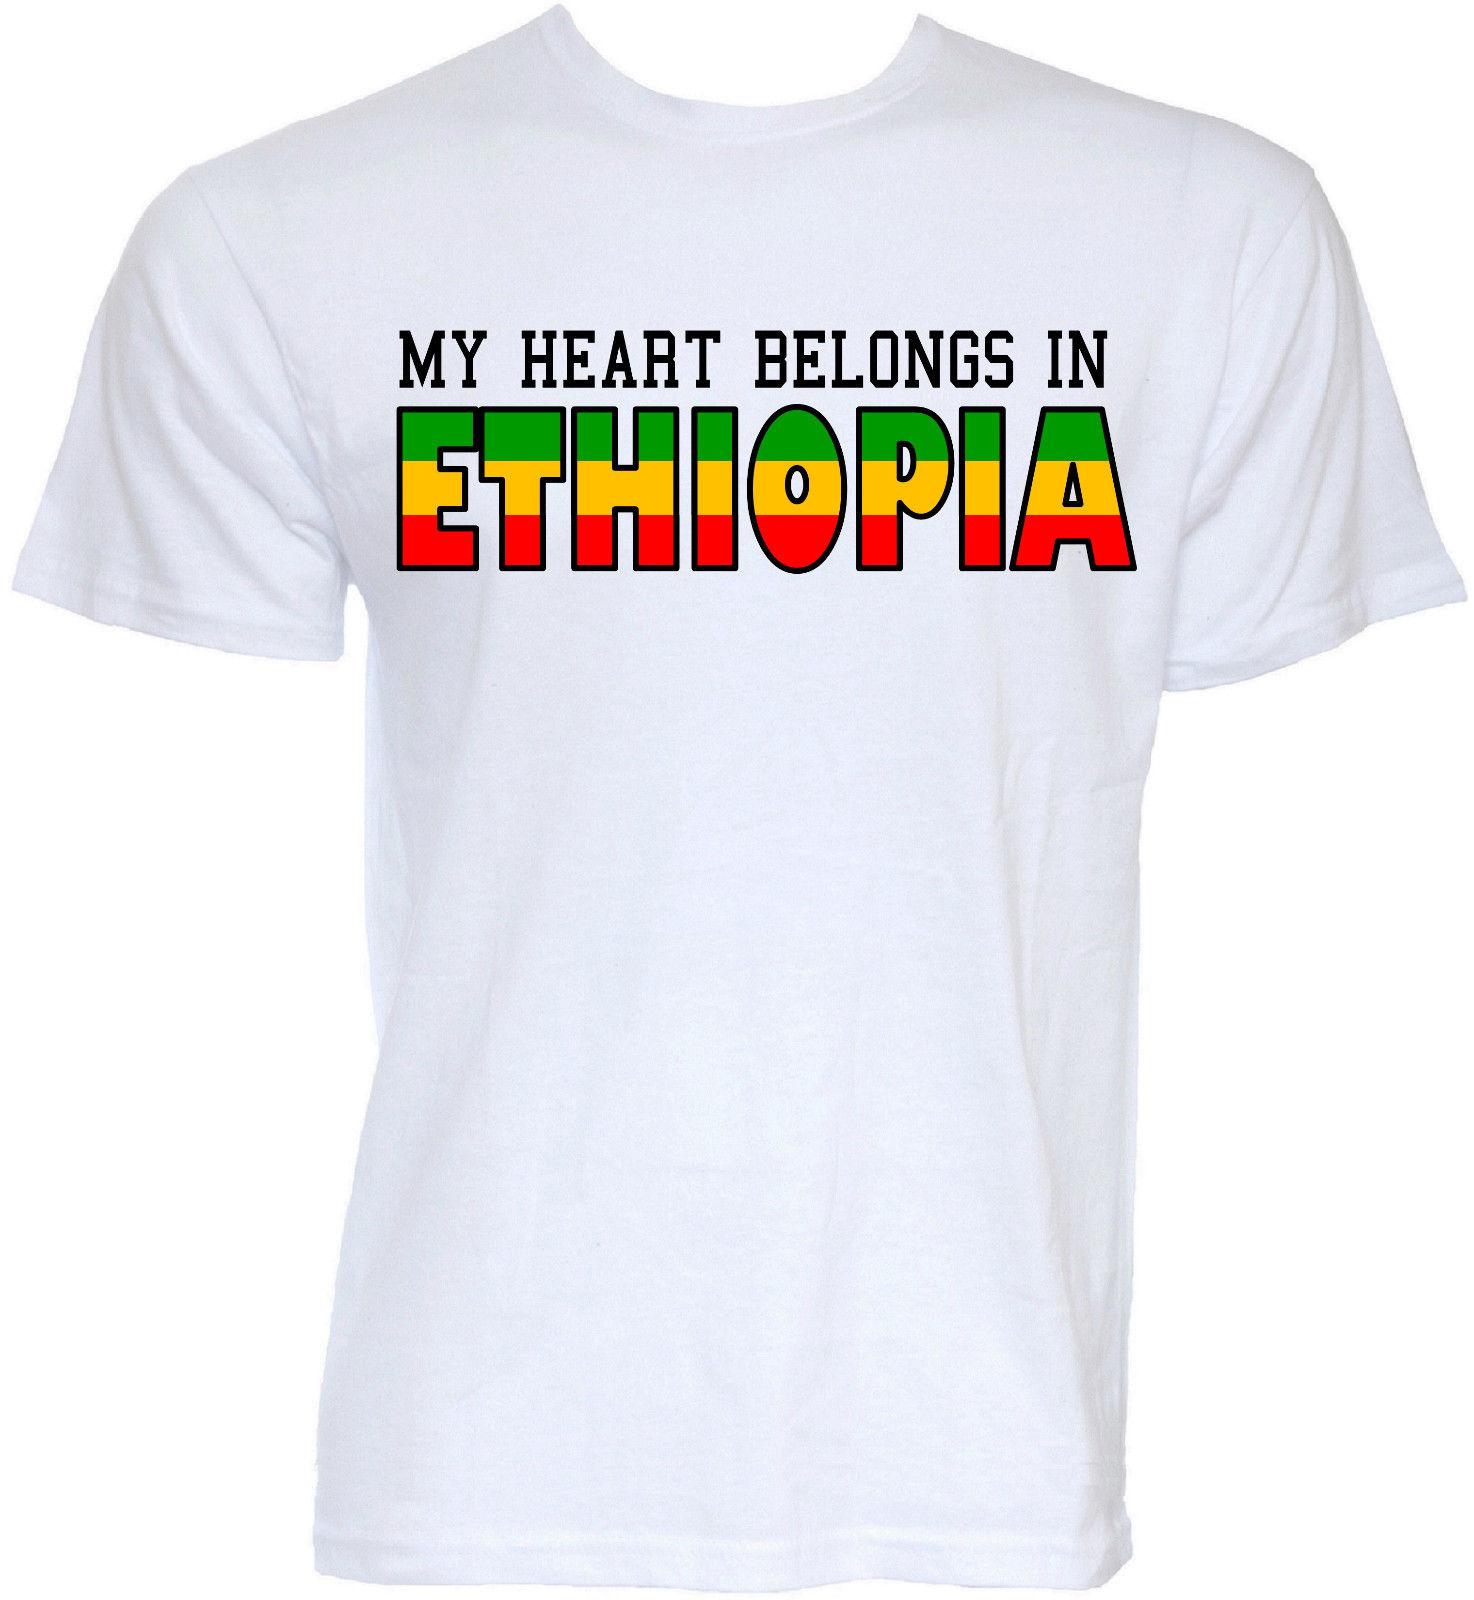 7c15df4d2e648 Мужские Смешные Новинка Эфиопский Эфиопии слоган футболки Шутка подарки  футболка новые 2017 мода странные вещи Футболка